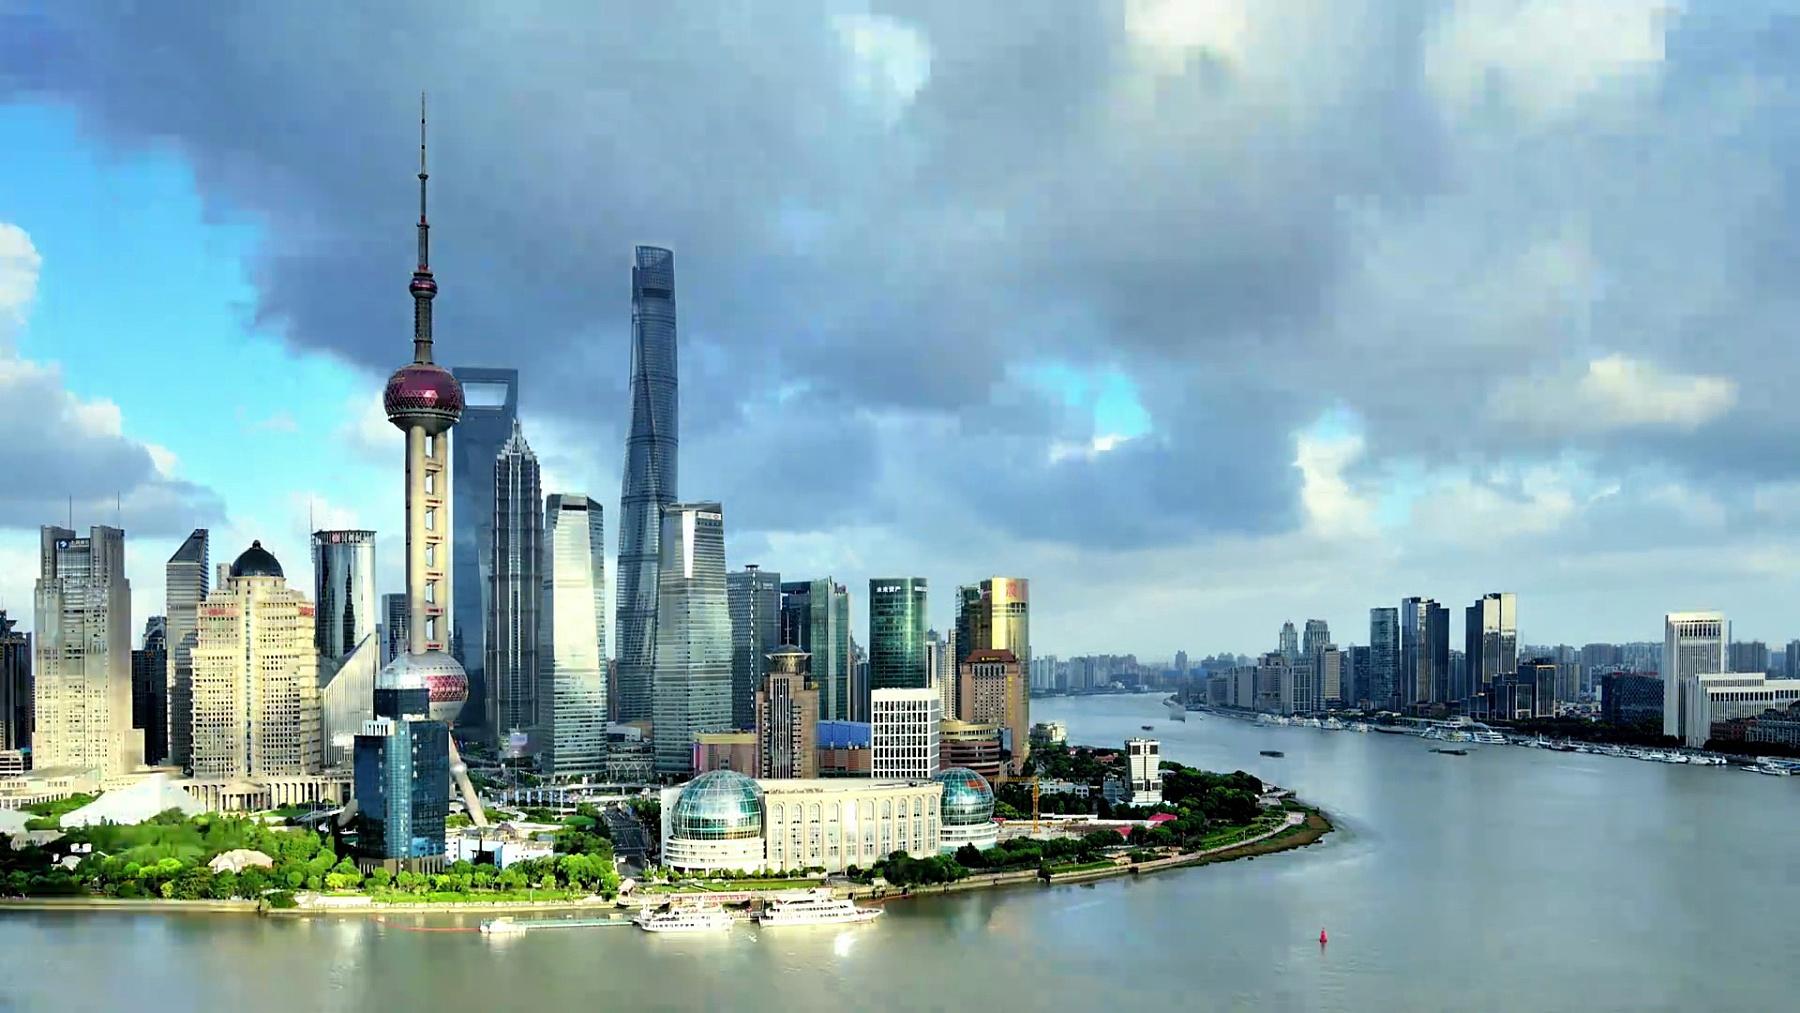 上海城市景观日到日落延时摄影,中国